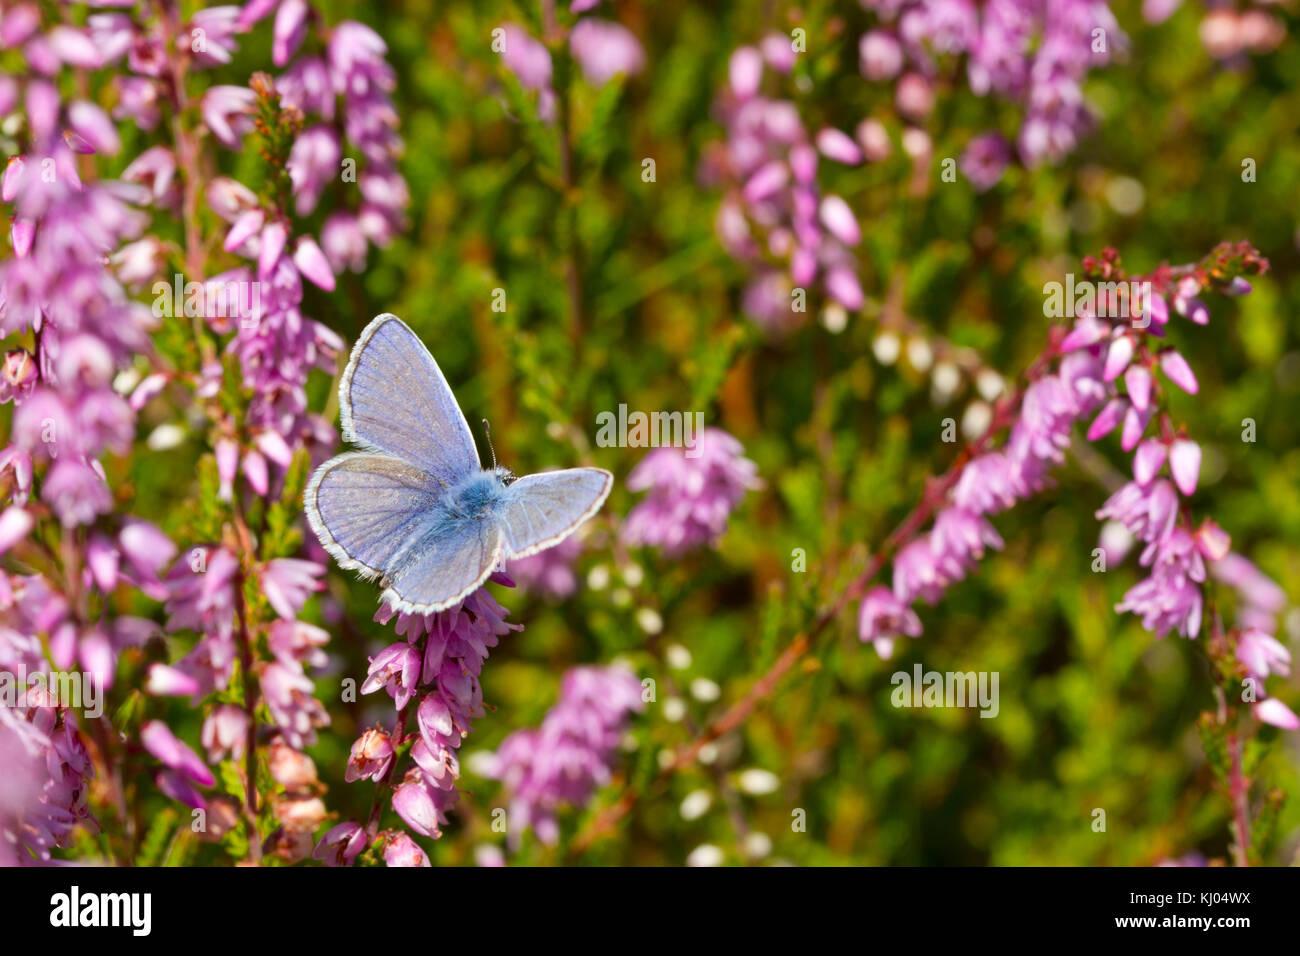 Mariposa Azul común (Polyommatus icarus) macho adulto alimentándose de brezo (Calluna vulgaris) flores. Imagen De Stock